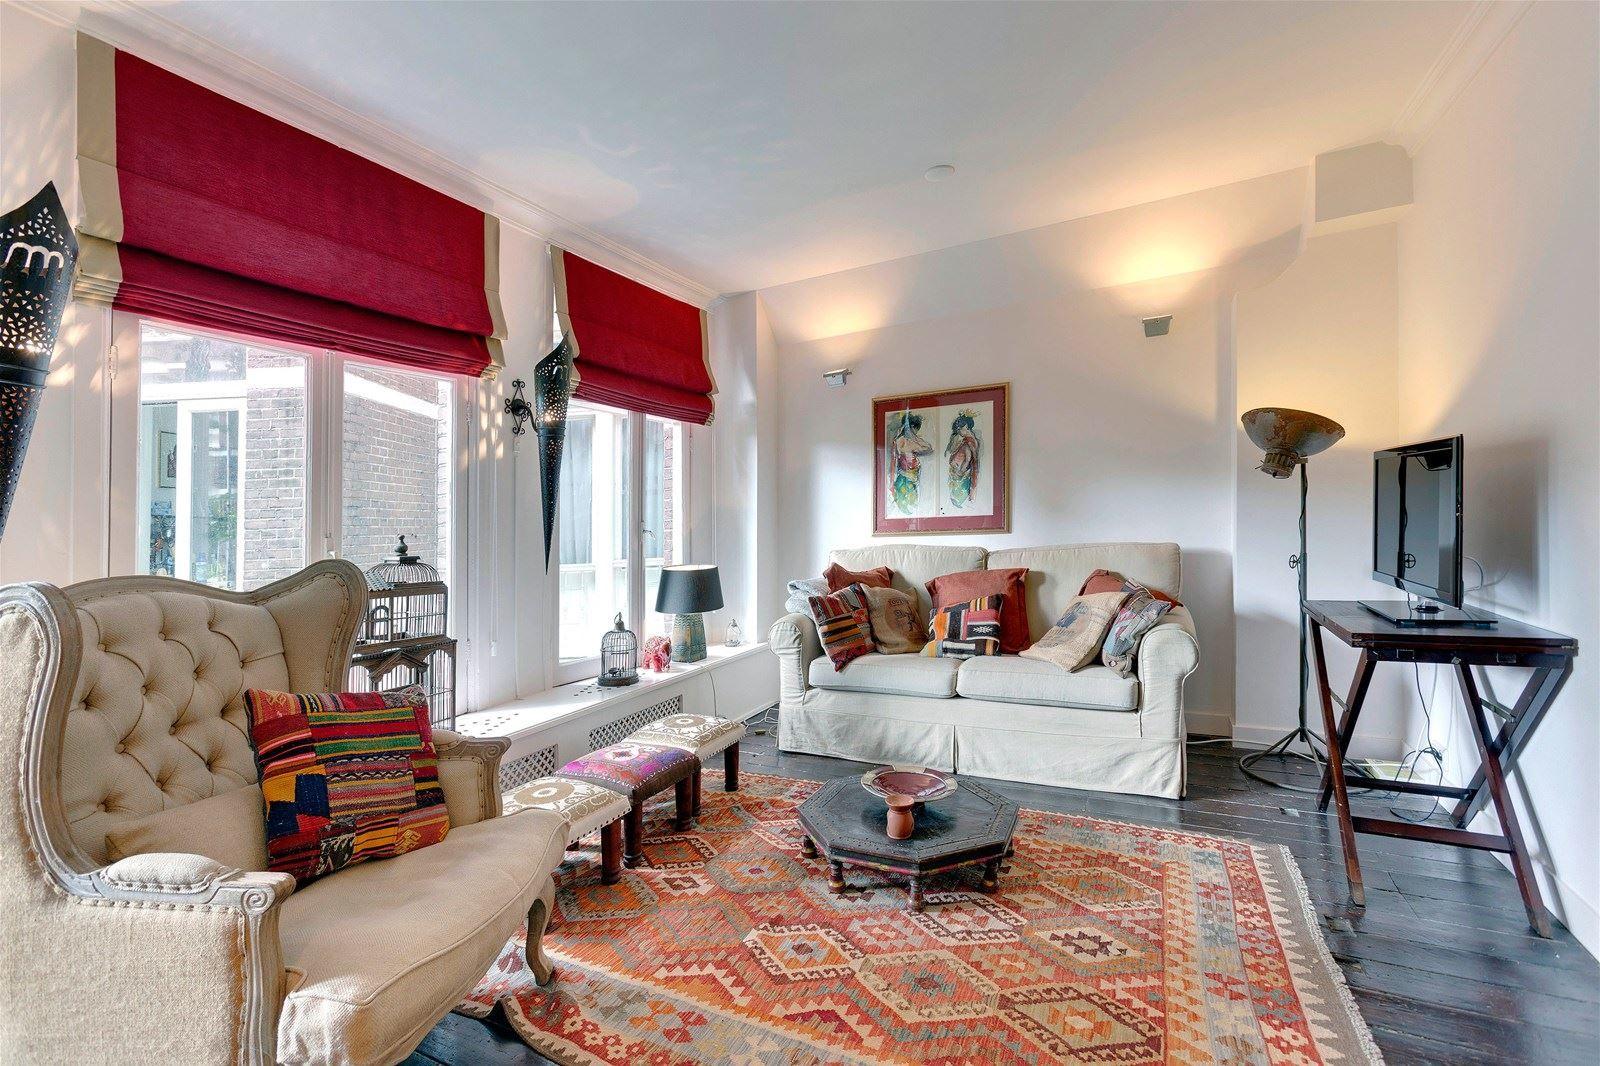 Appartement te koop Roetersstraat 6 huis 1018 WC